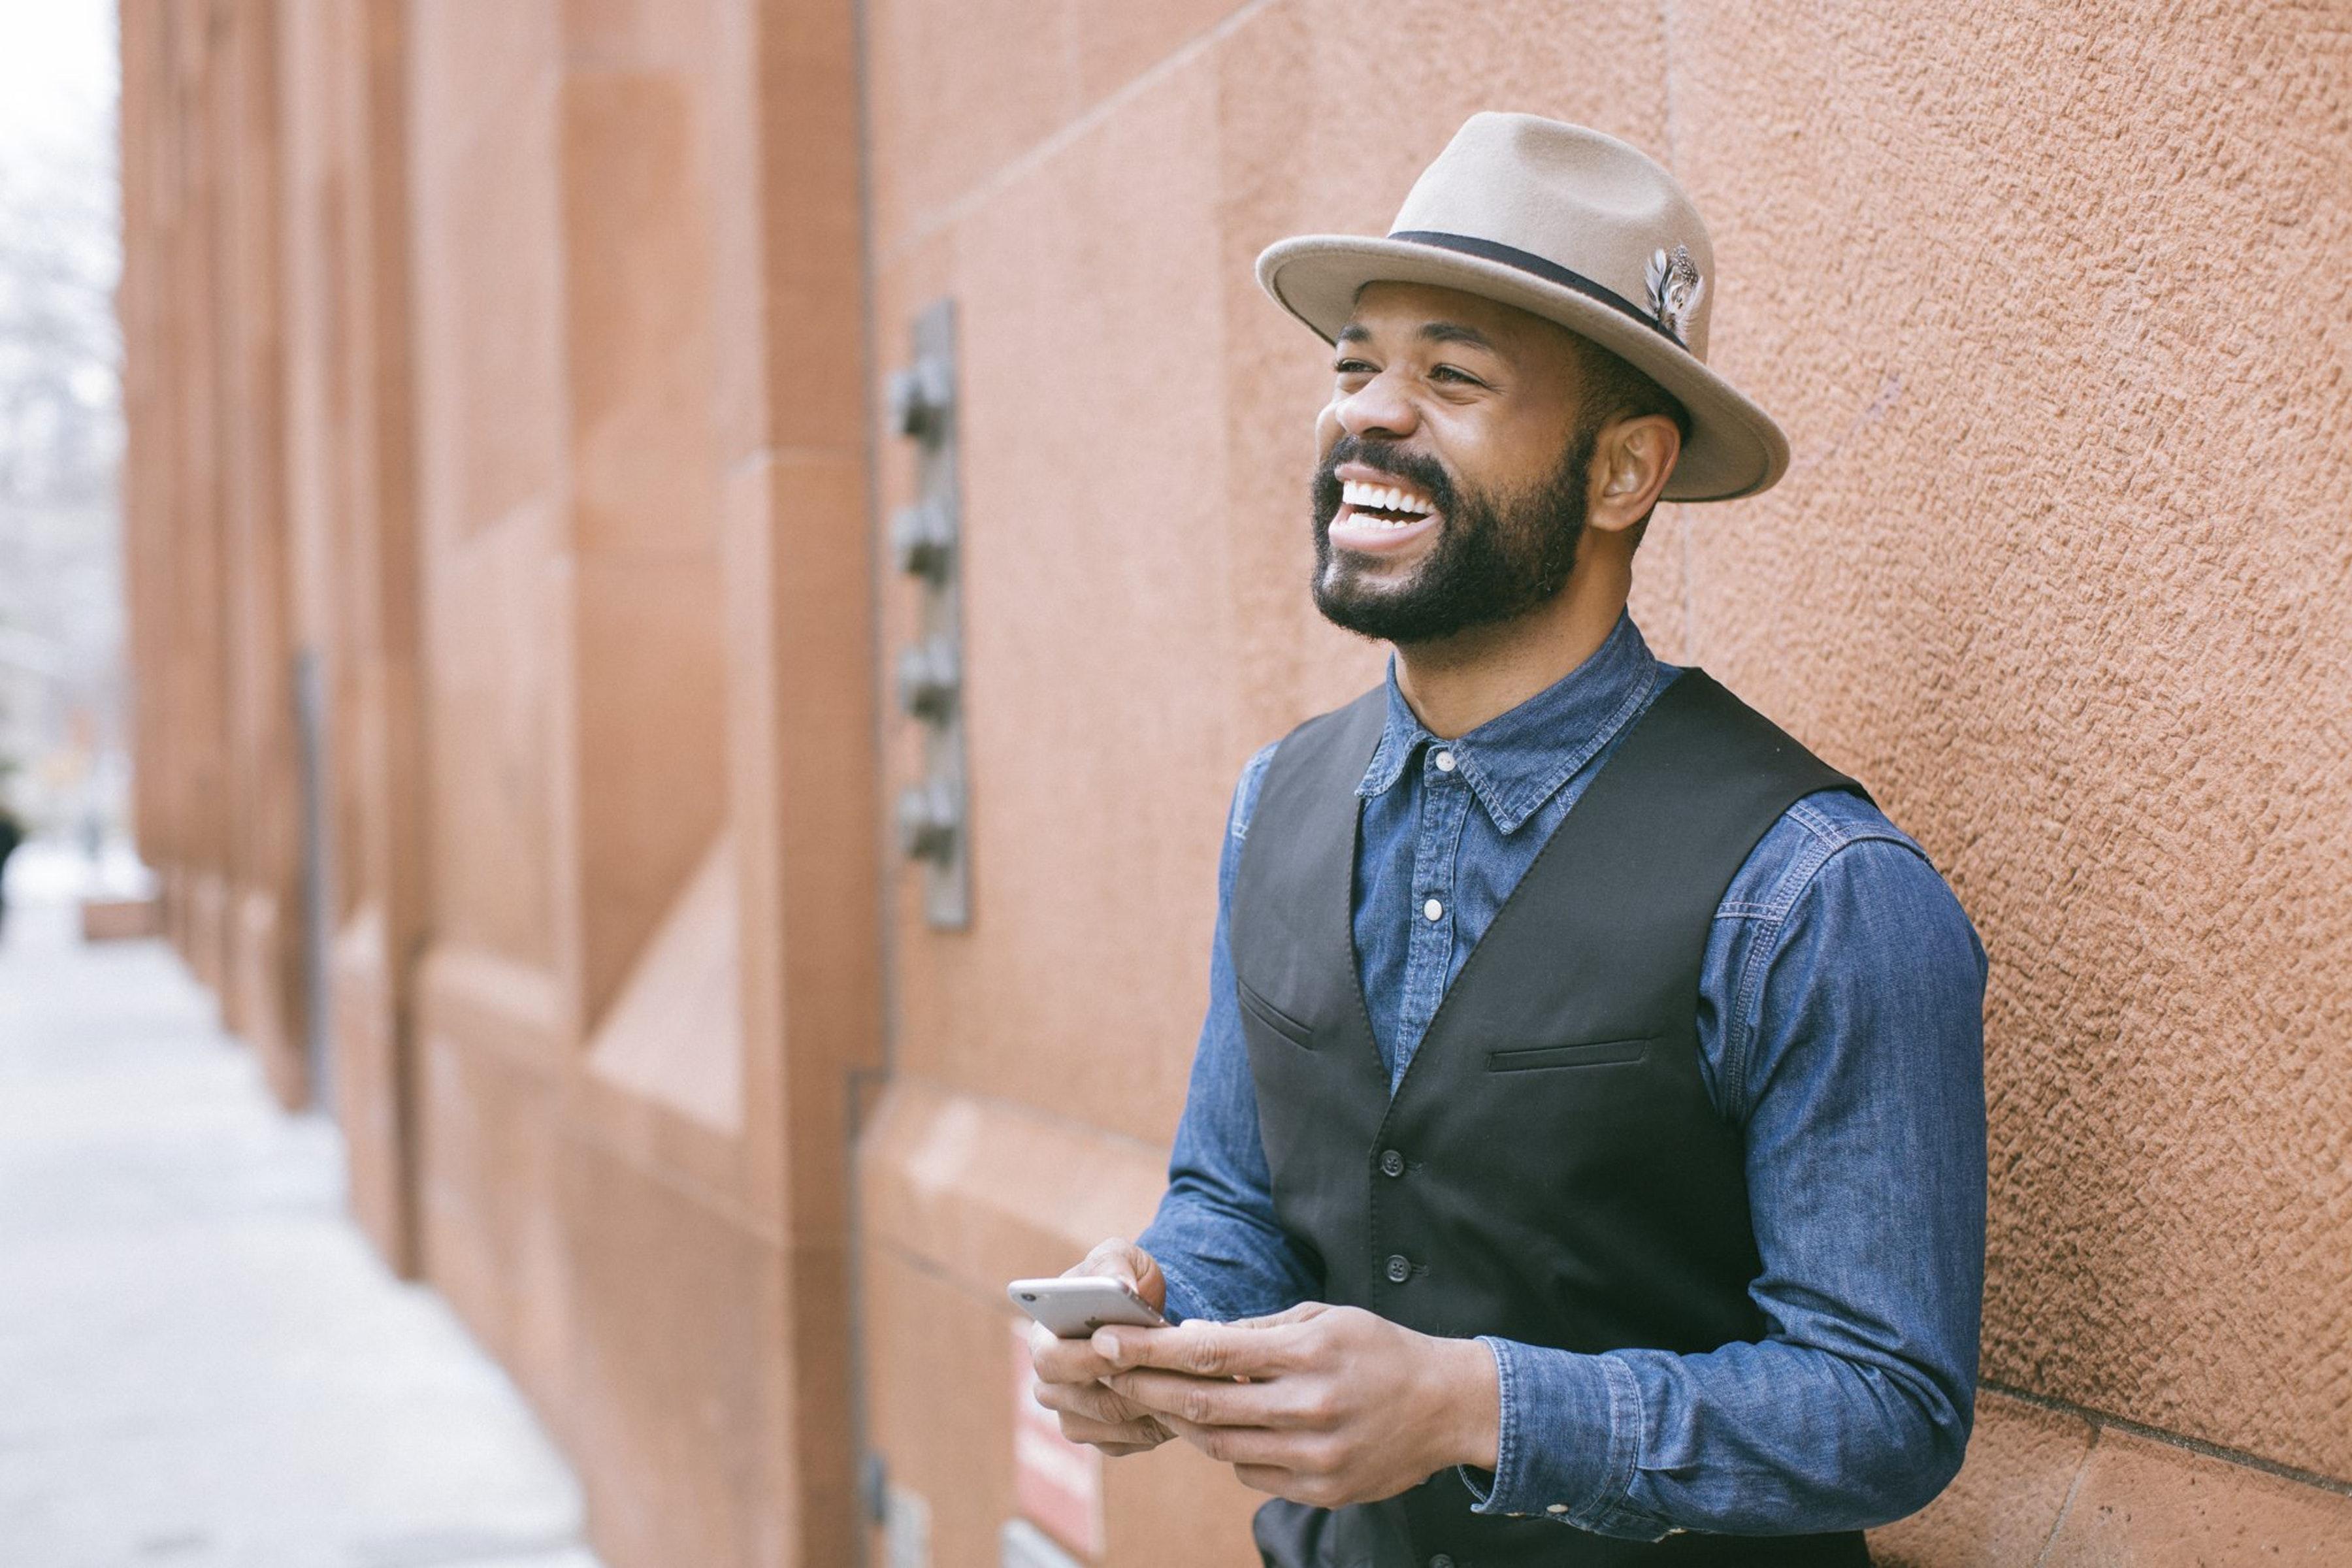 attraktiver werden Mann mit modischen Hut lacht